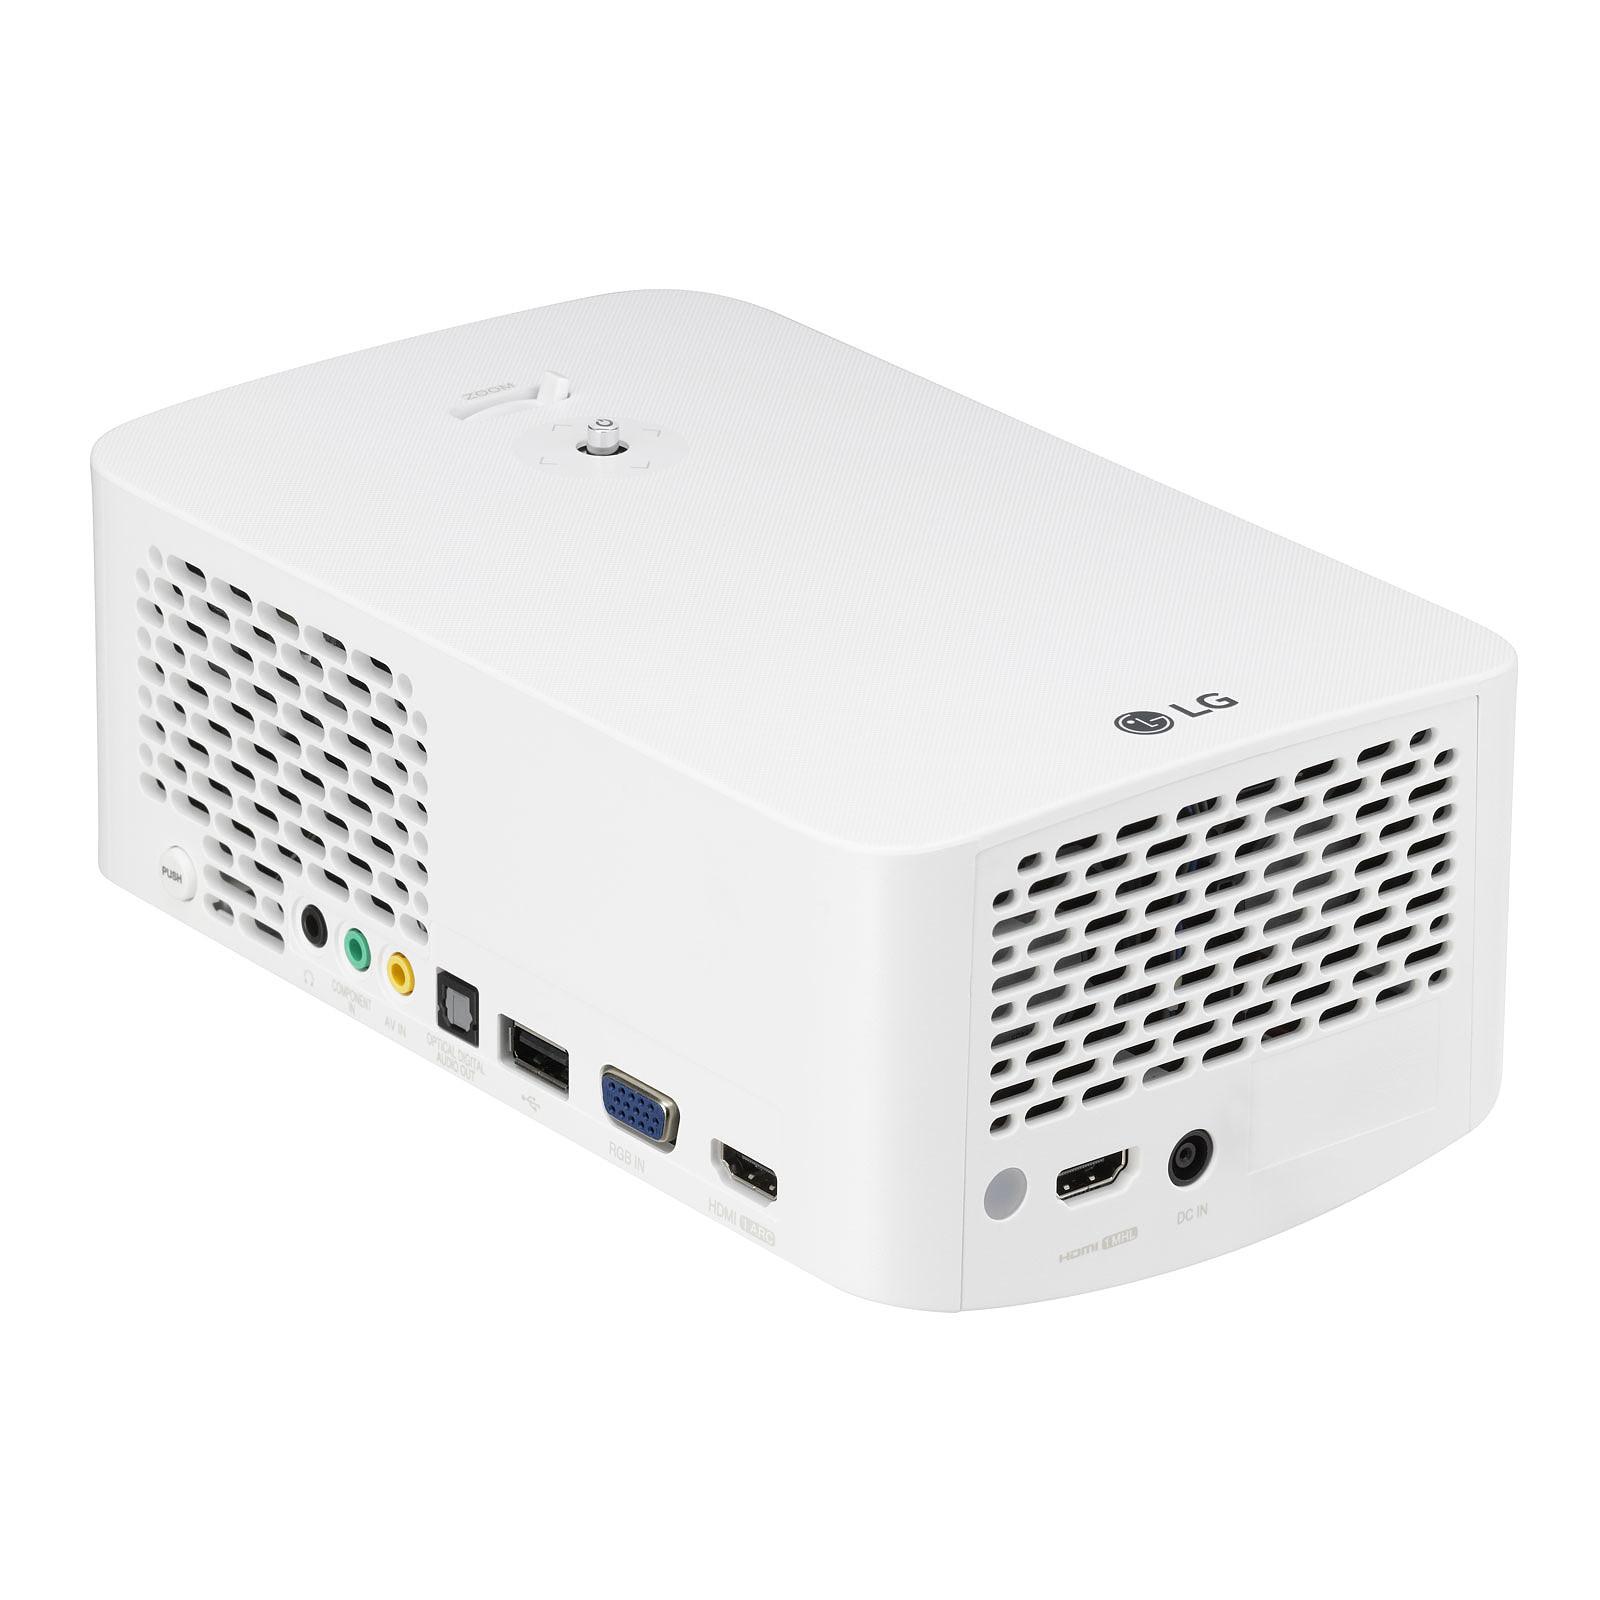 LG Minibeam Pro PF1500G - Vidéoprojecteur LG sur LDLC.com 91ec89c665b9